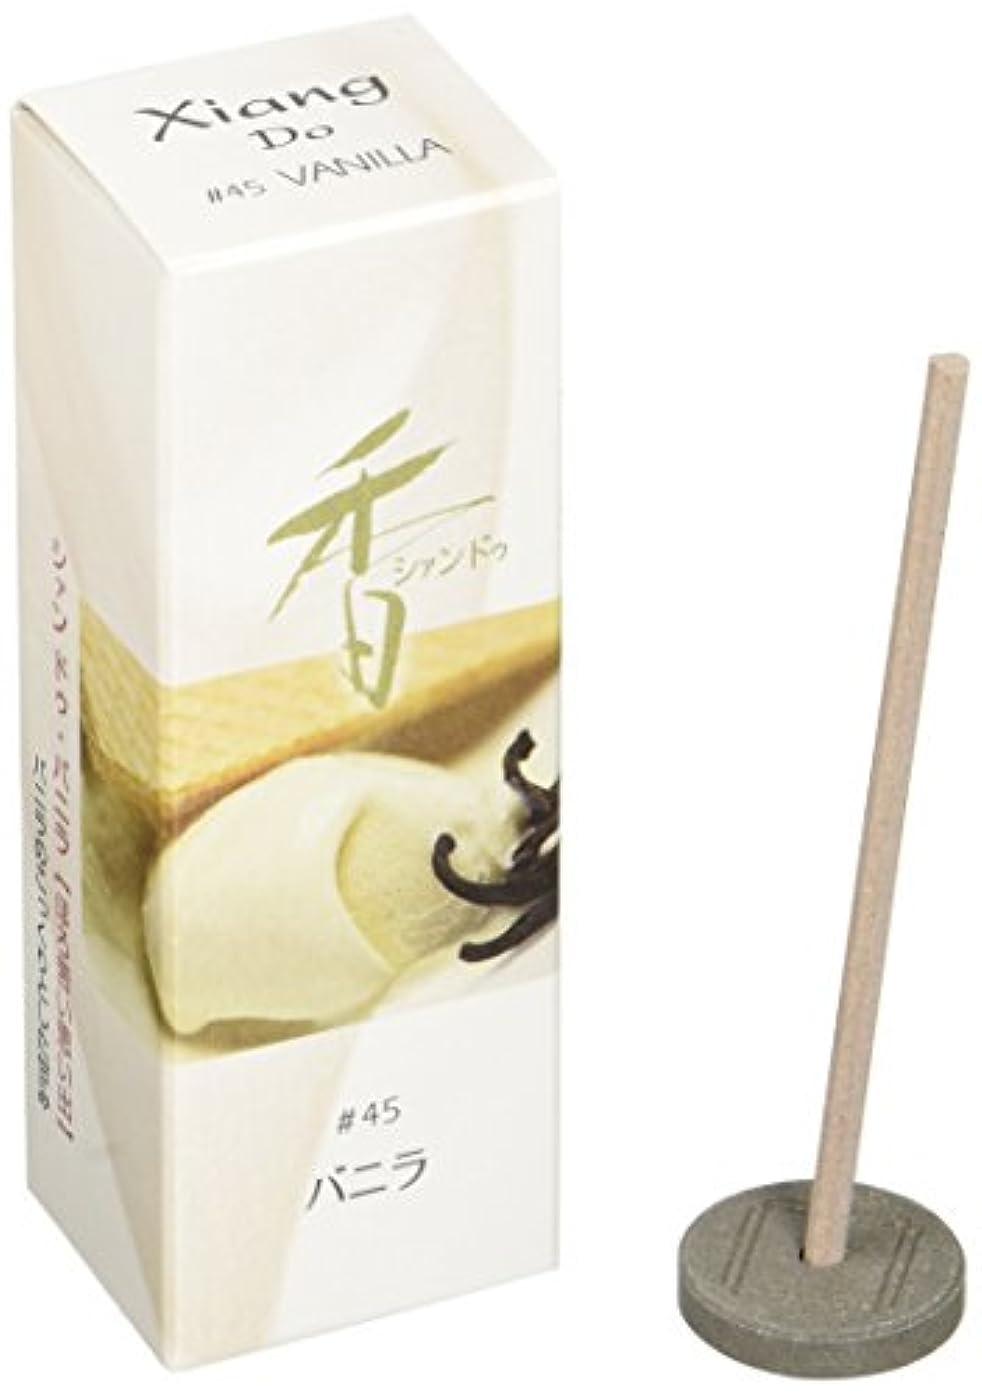 暗記するテーブル望む松栄堂のお香 Xiang Do(シャンドゥ) バニラ ST20本入 簡易香立付 #214245